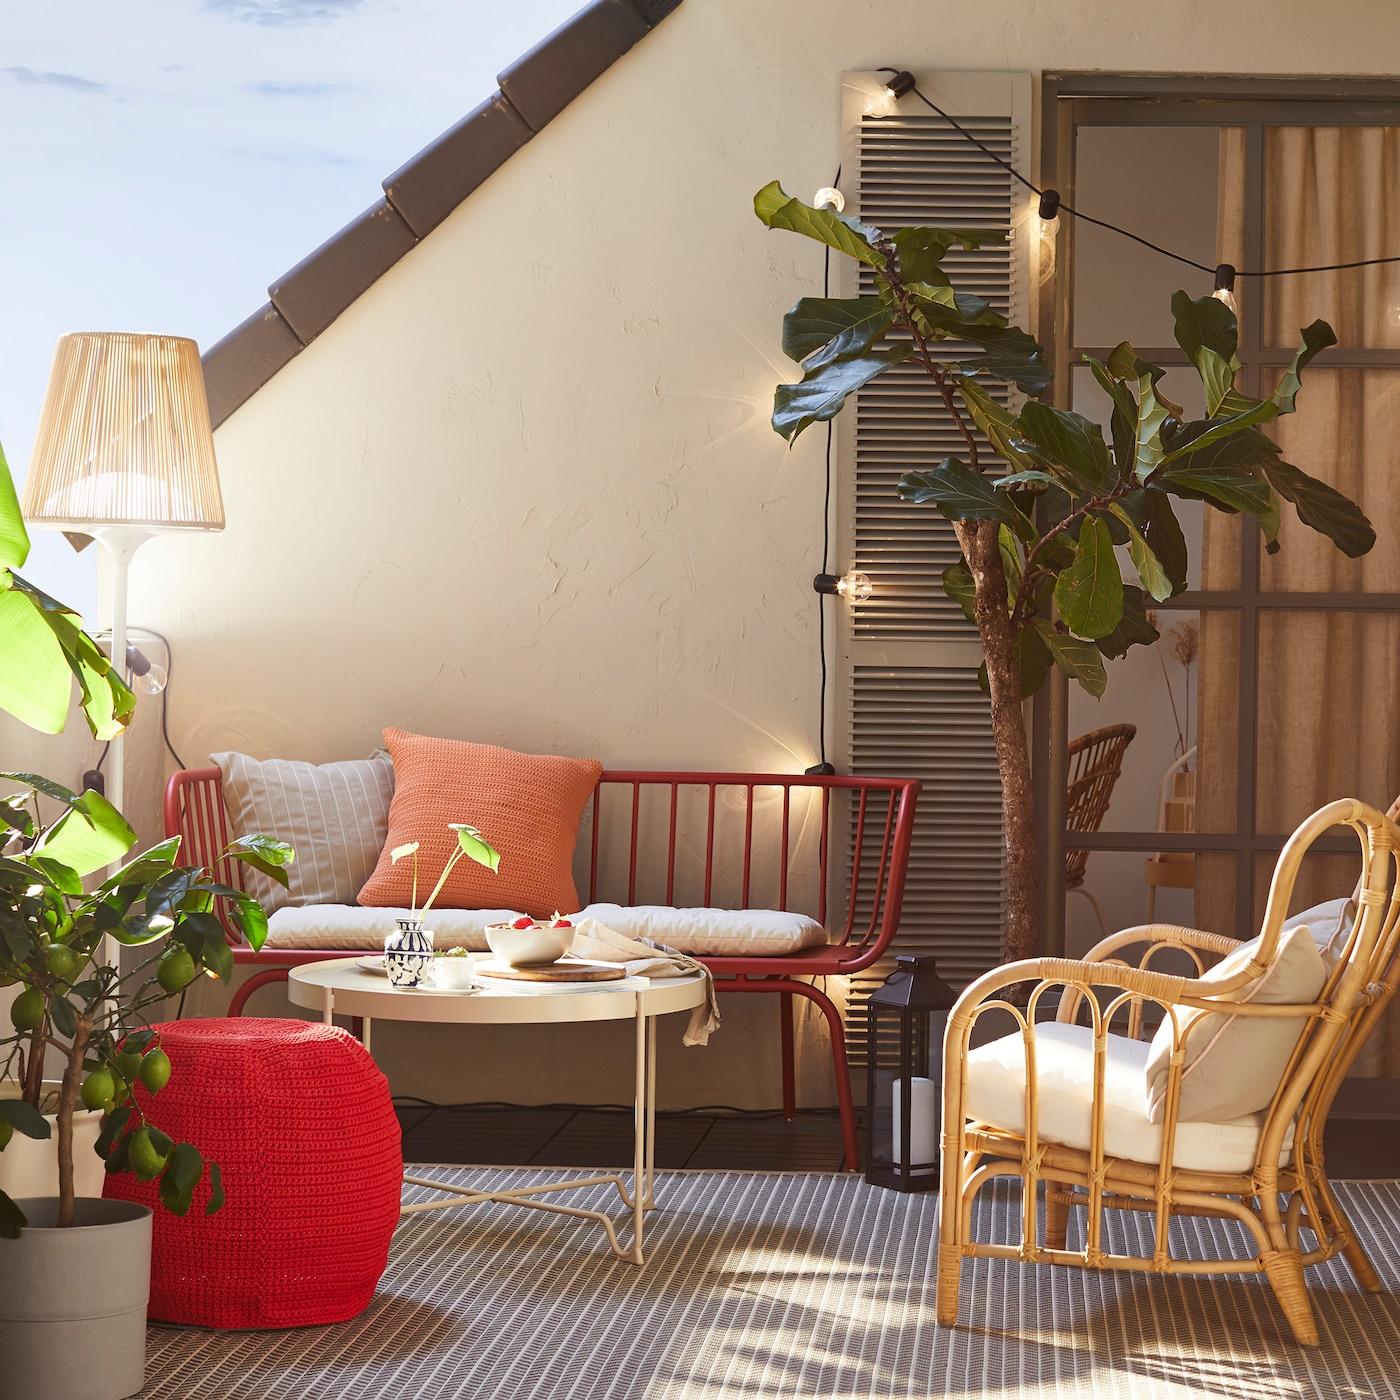 Kültéri erkély/udvar, BRUSSEN 3-személyes kültéri kanapéval, piros színben, egy rattan szék és sok növény.